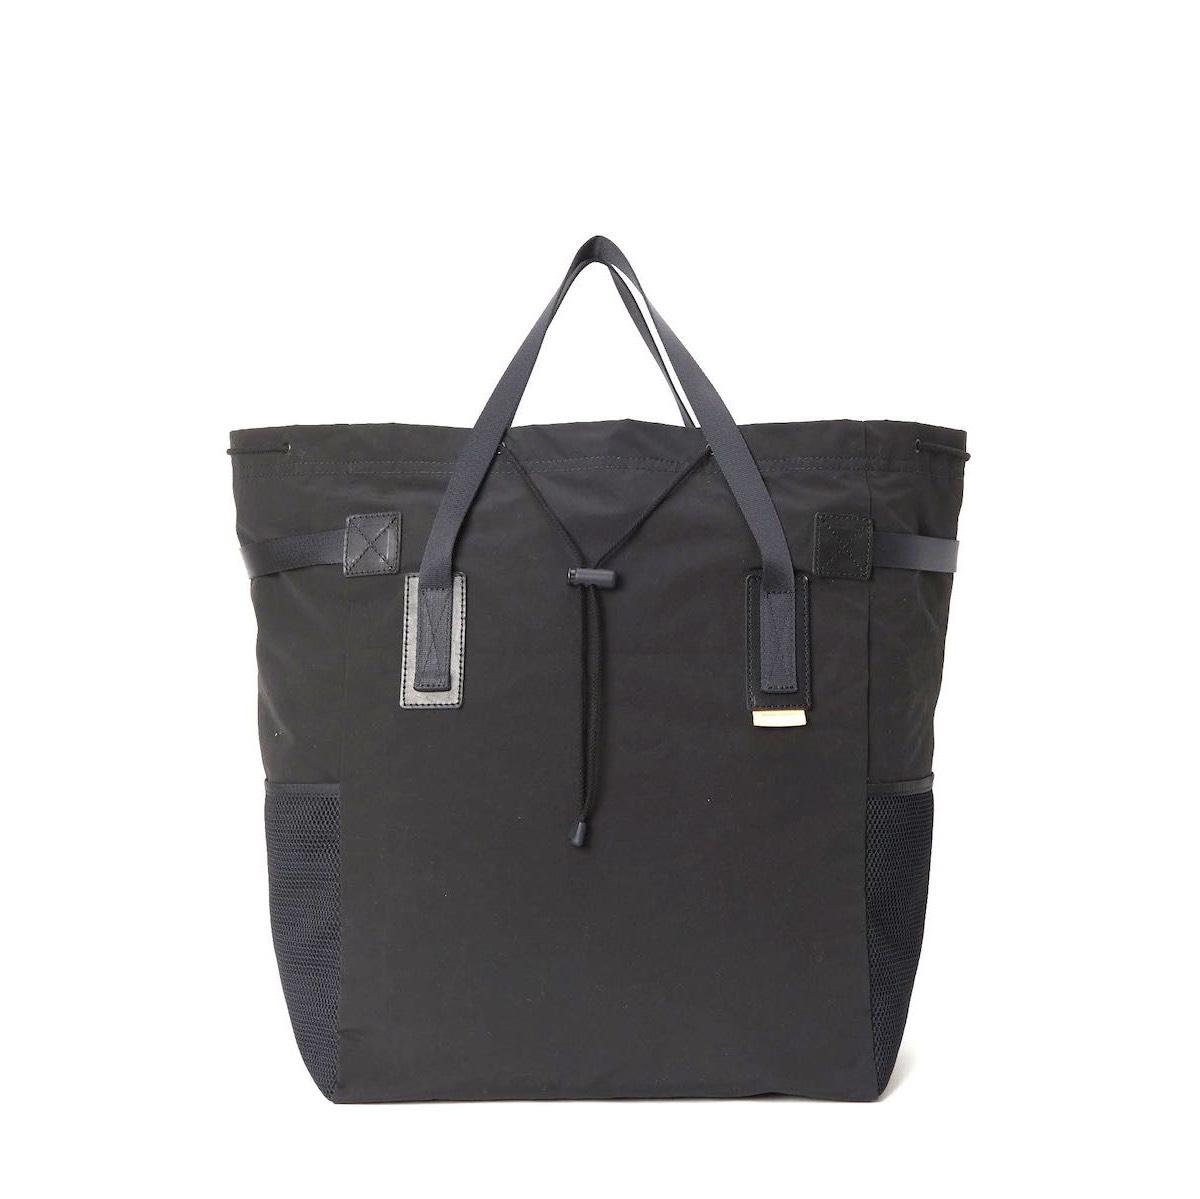 Hender Scheme / functional tote bag (Black)